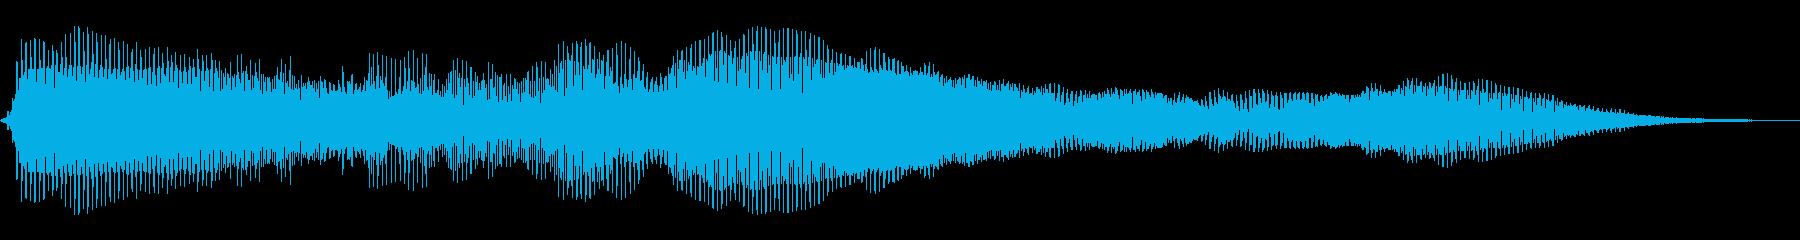 エイリアン1ドローンの再生済みの波形